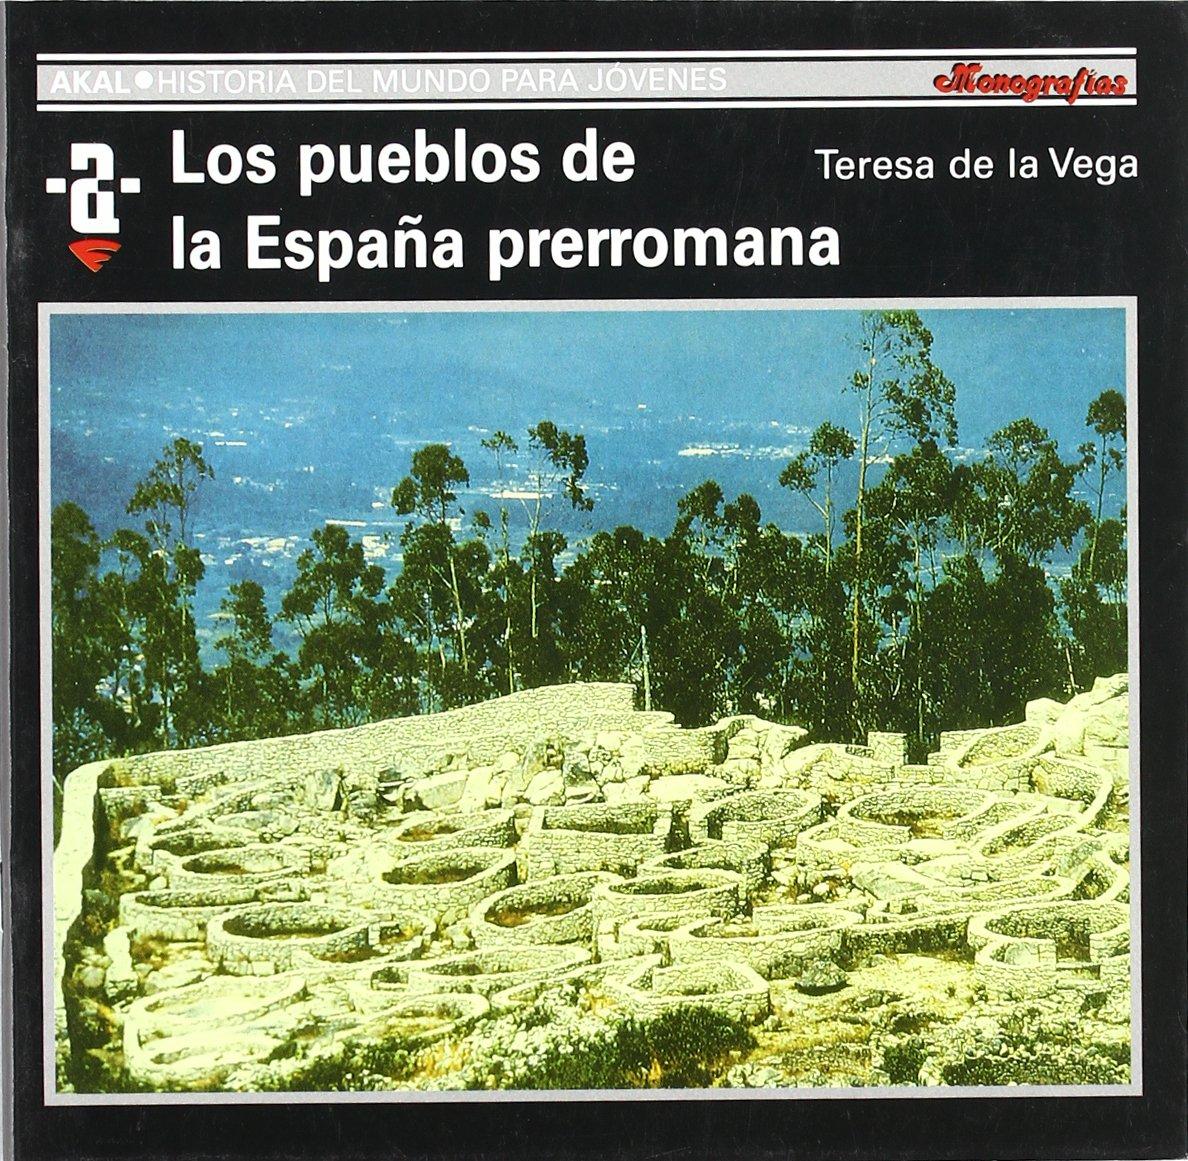 Los pueblos de la España prerromana: 63 Historia del mundo para jóvenes: Amazon.es: Vega, Teresa de la: Libros